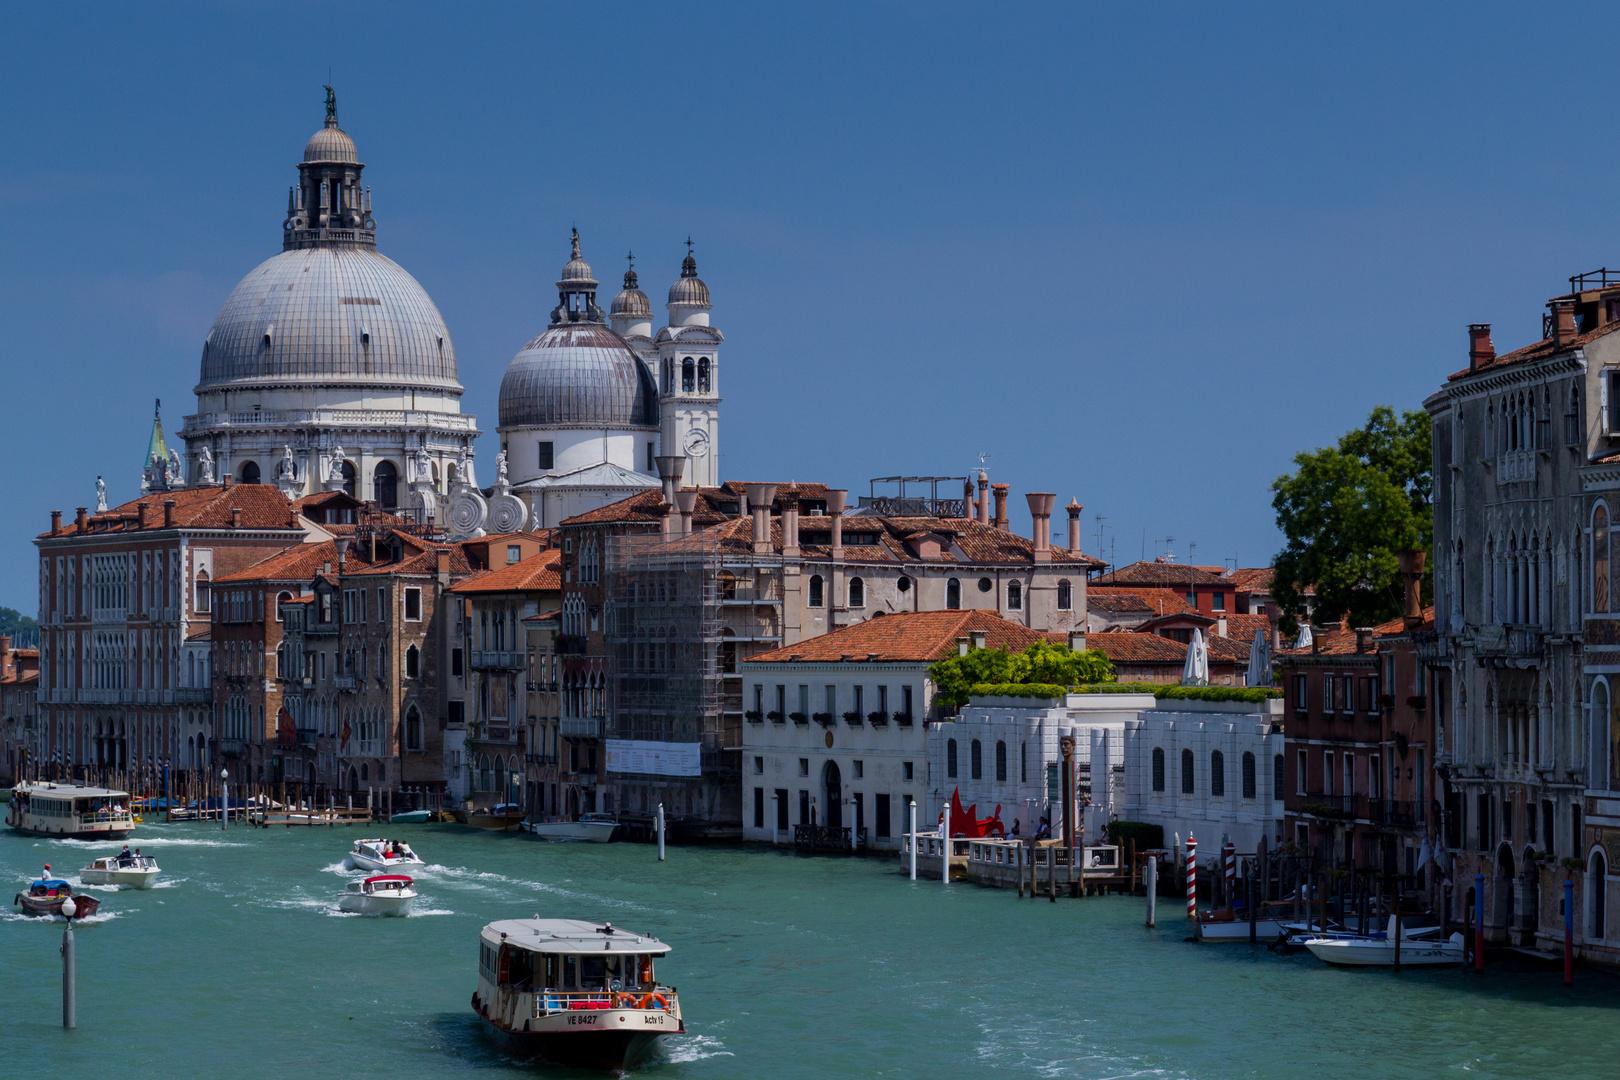 Venedig Impressionen (1)